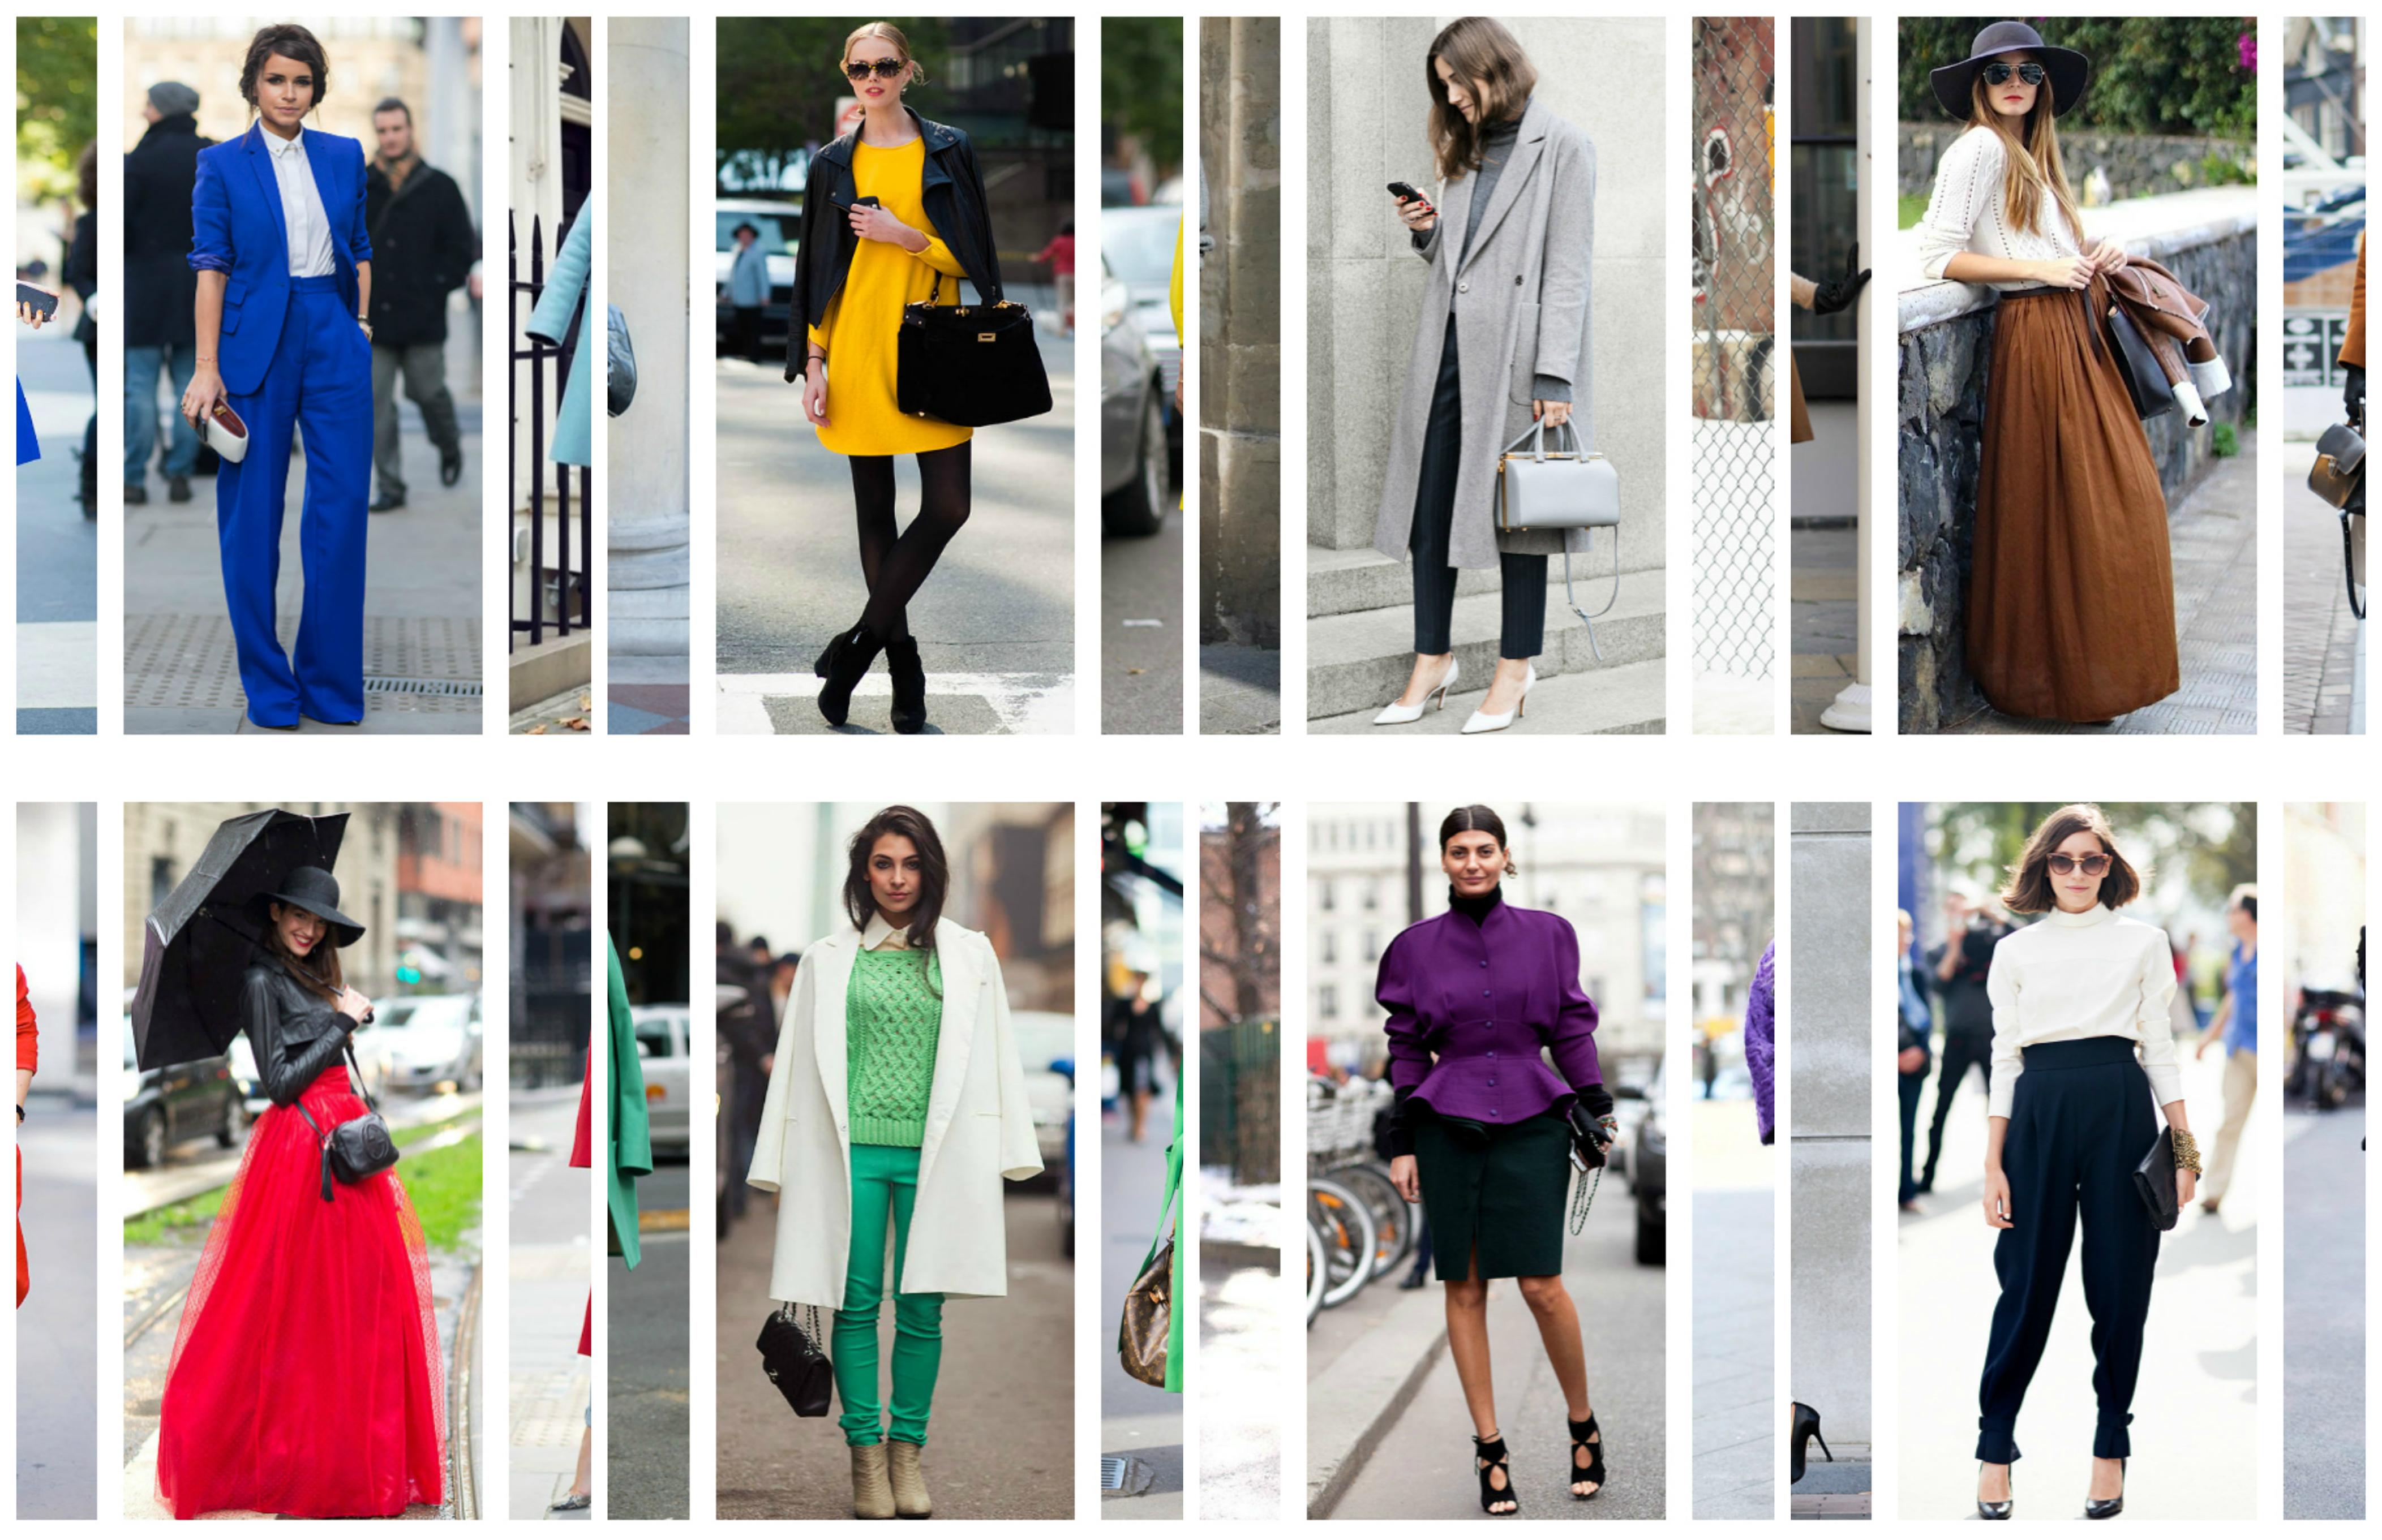 Come indossare i colori - Fashion colors.